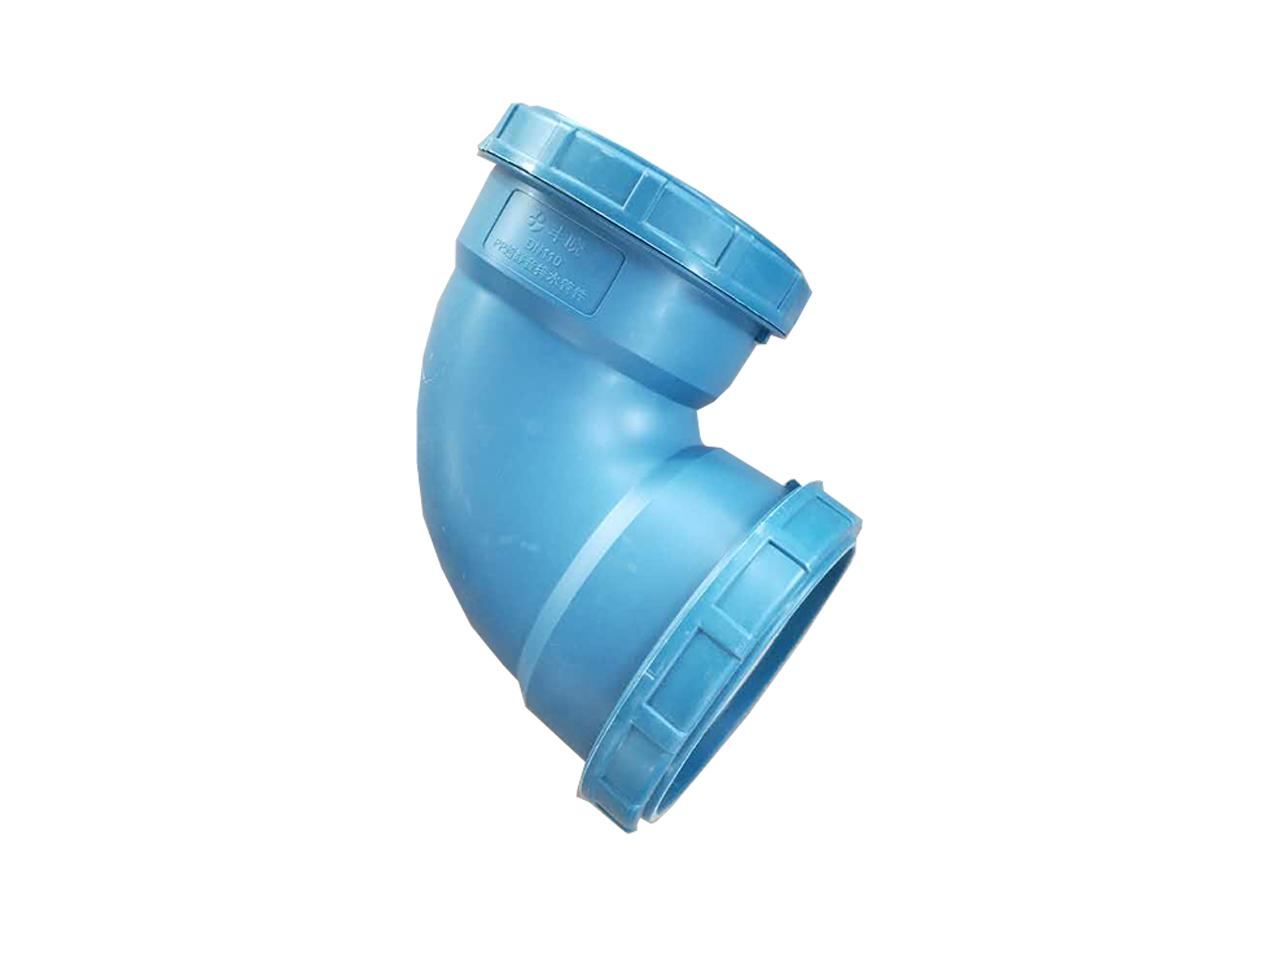 哪里能買到質量硬的聚丙烯靜音排水管,pp超靜音管批發